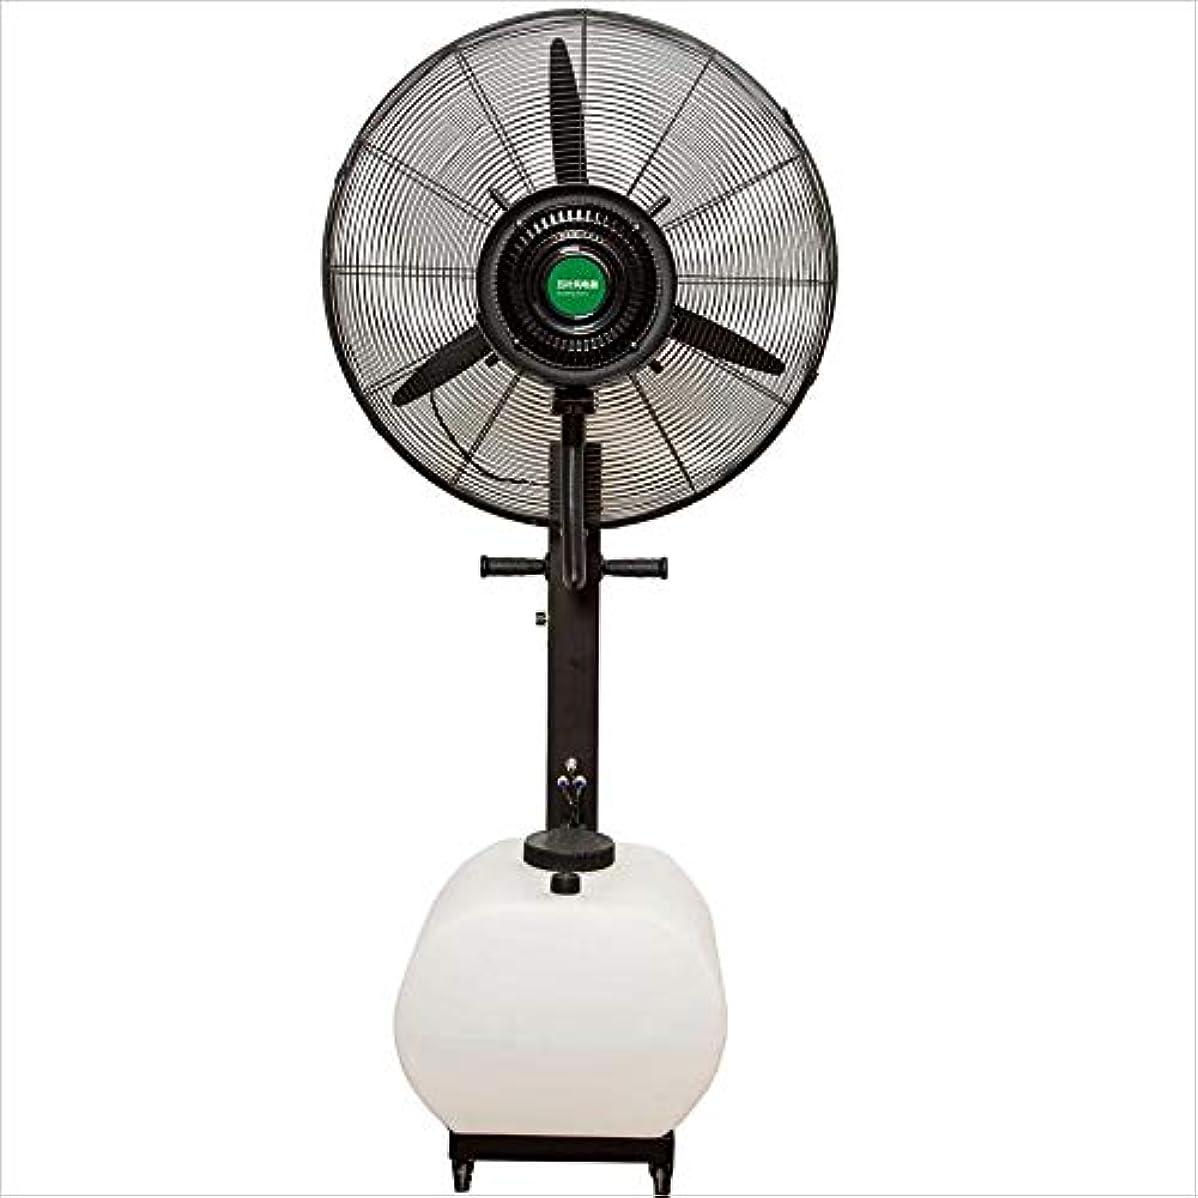 売る社会主義者出費工業用大型扇風機 産業用ミストファン、振動冷却ミスト加湿器可能なスピードミスト冷却ファン、ホームオフィスおよびレストランモバイルアトマイゼーションスタンドファンホワイト 工場扇送風機